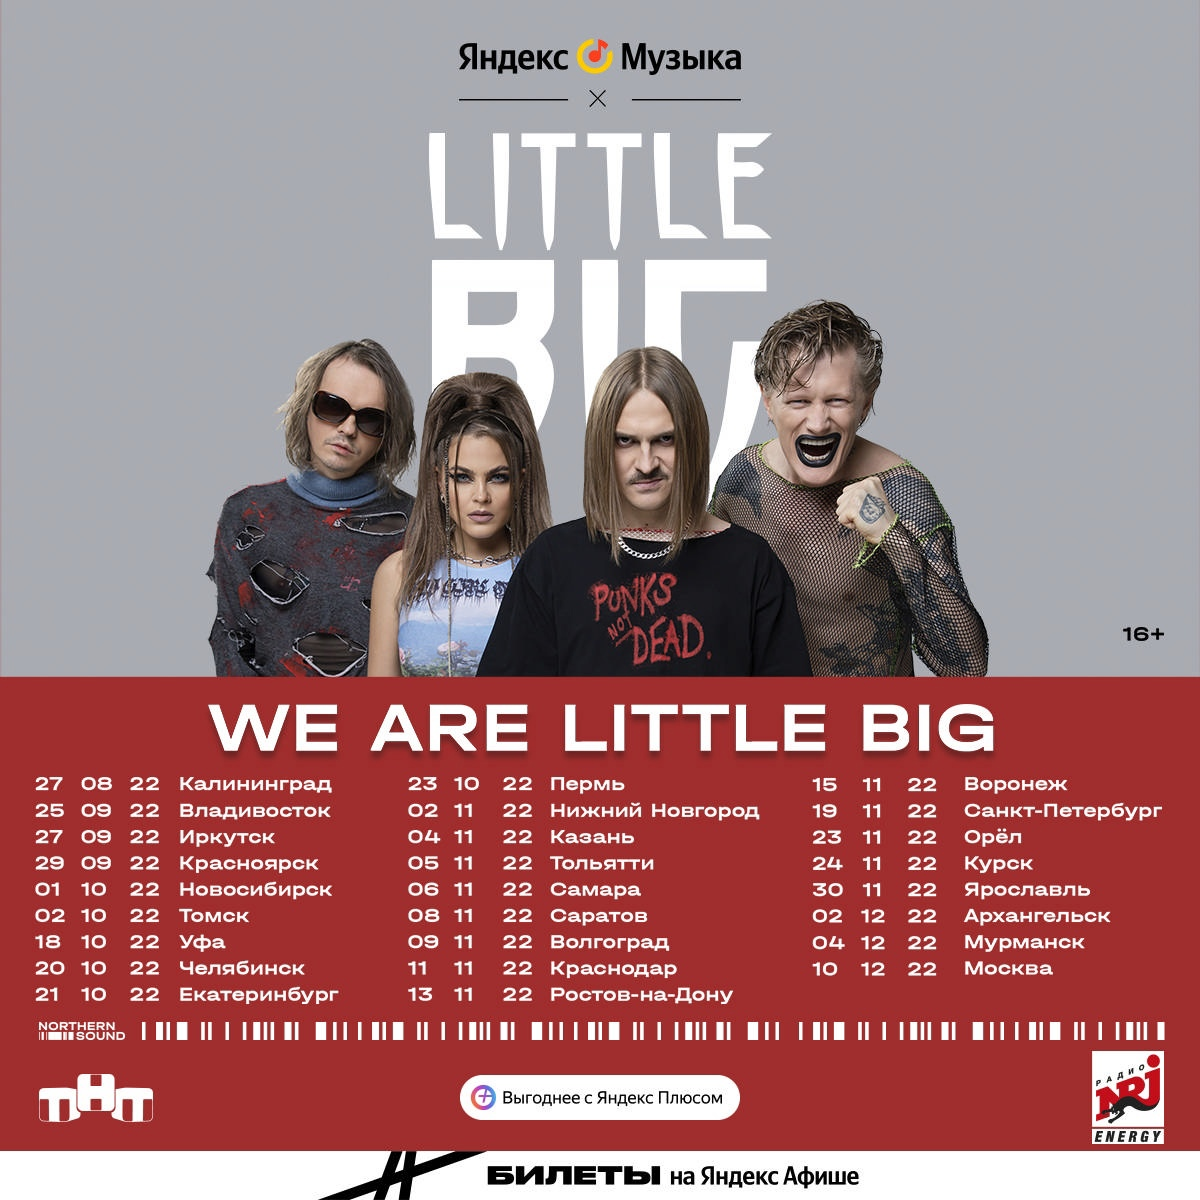 Концерт Little Big в рамках тура We are Little Big